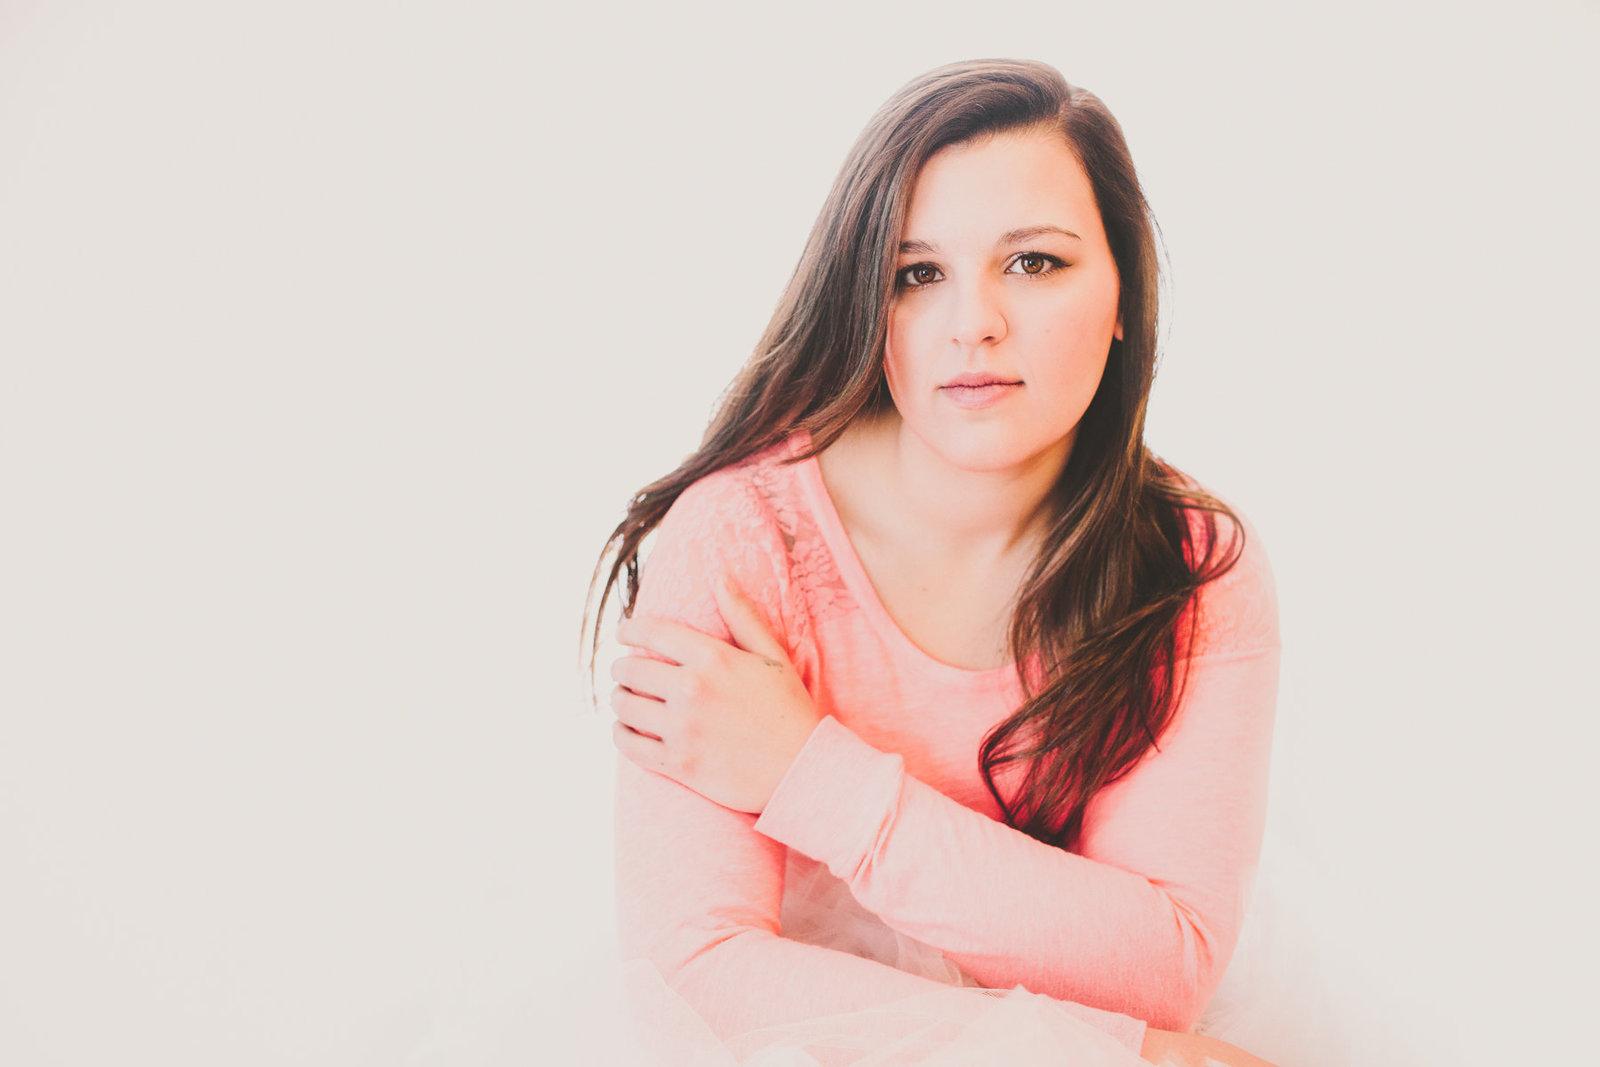 Portraits-4